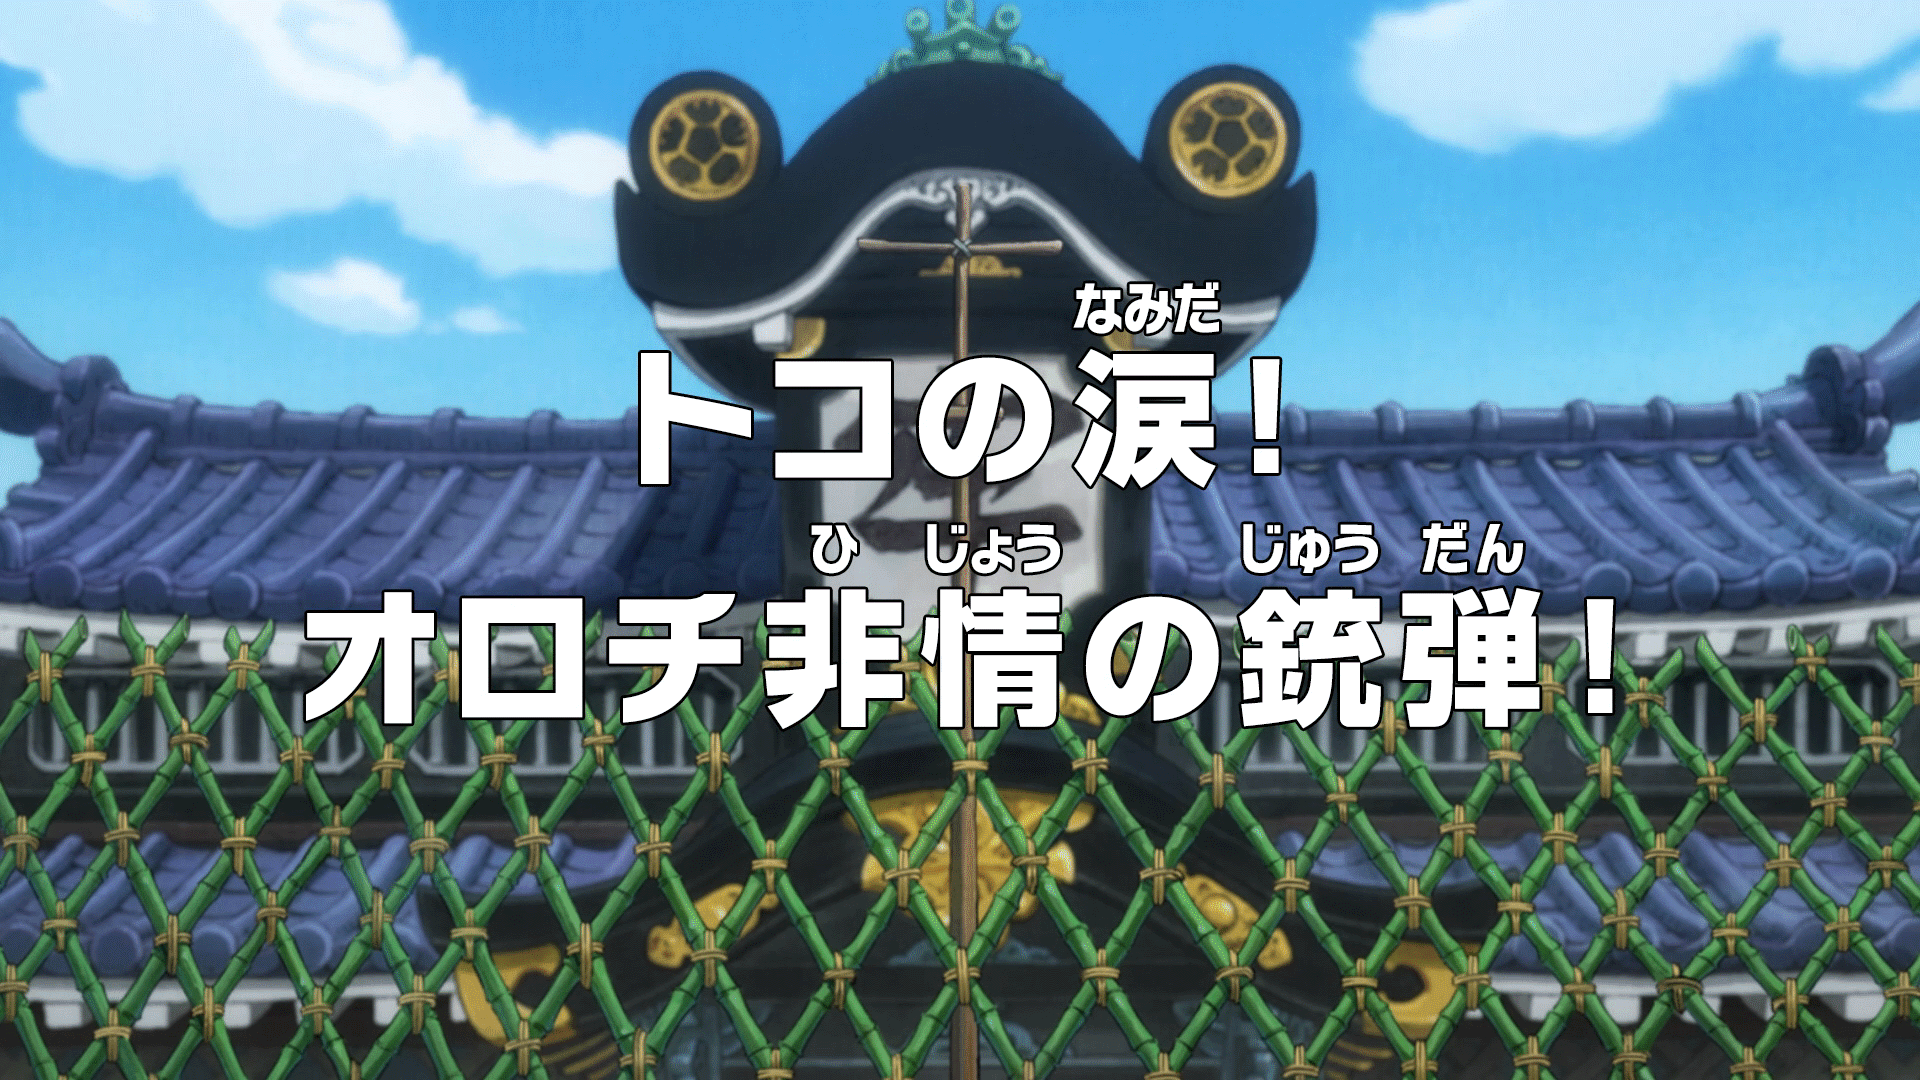 Ван-Пис — s09e195 — Toko's Tears! Orochi's Painful Bullets!